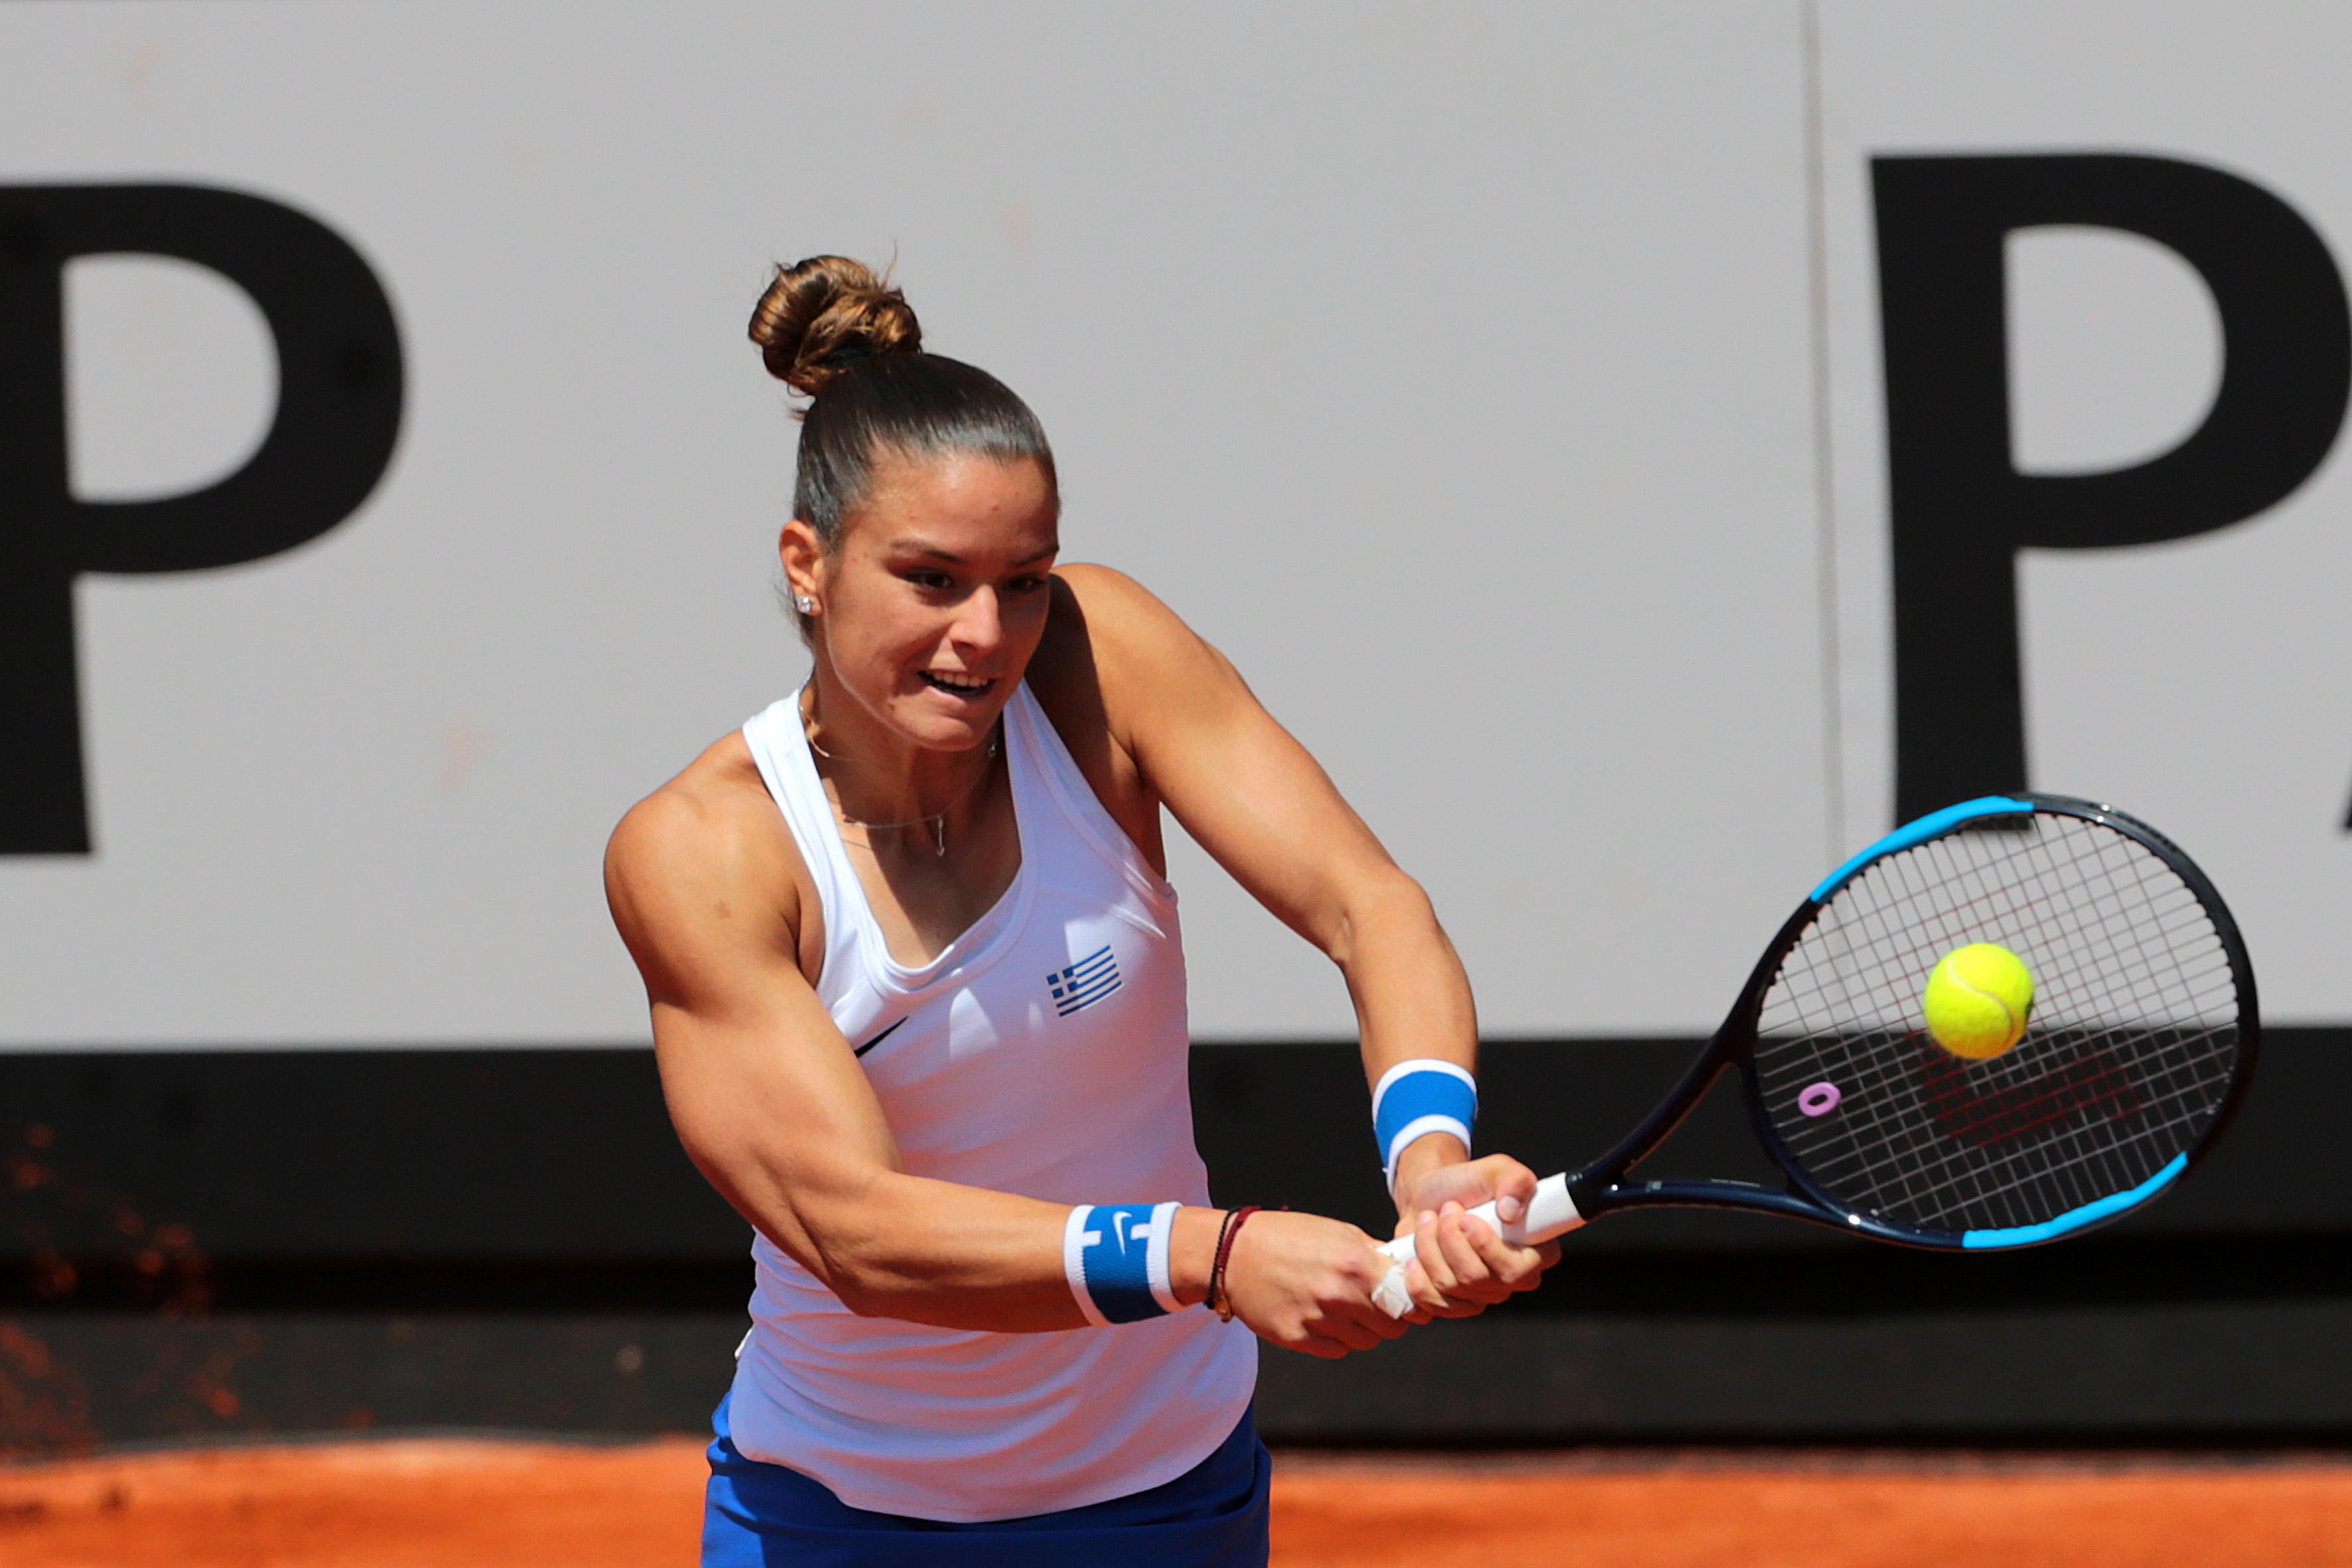 Δεν τα κατάφερε η Σάκκαρη στον τελικό του τουρνουά WTA | tovima.gr